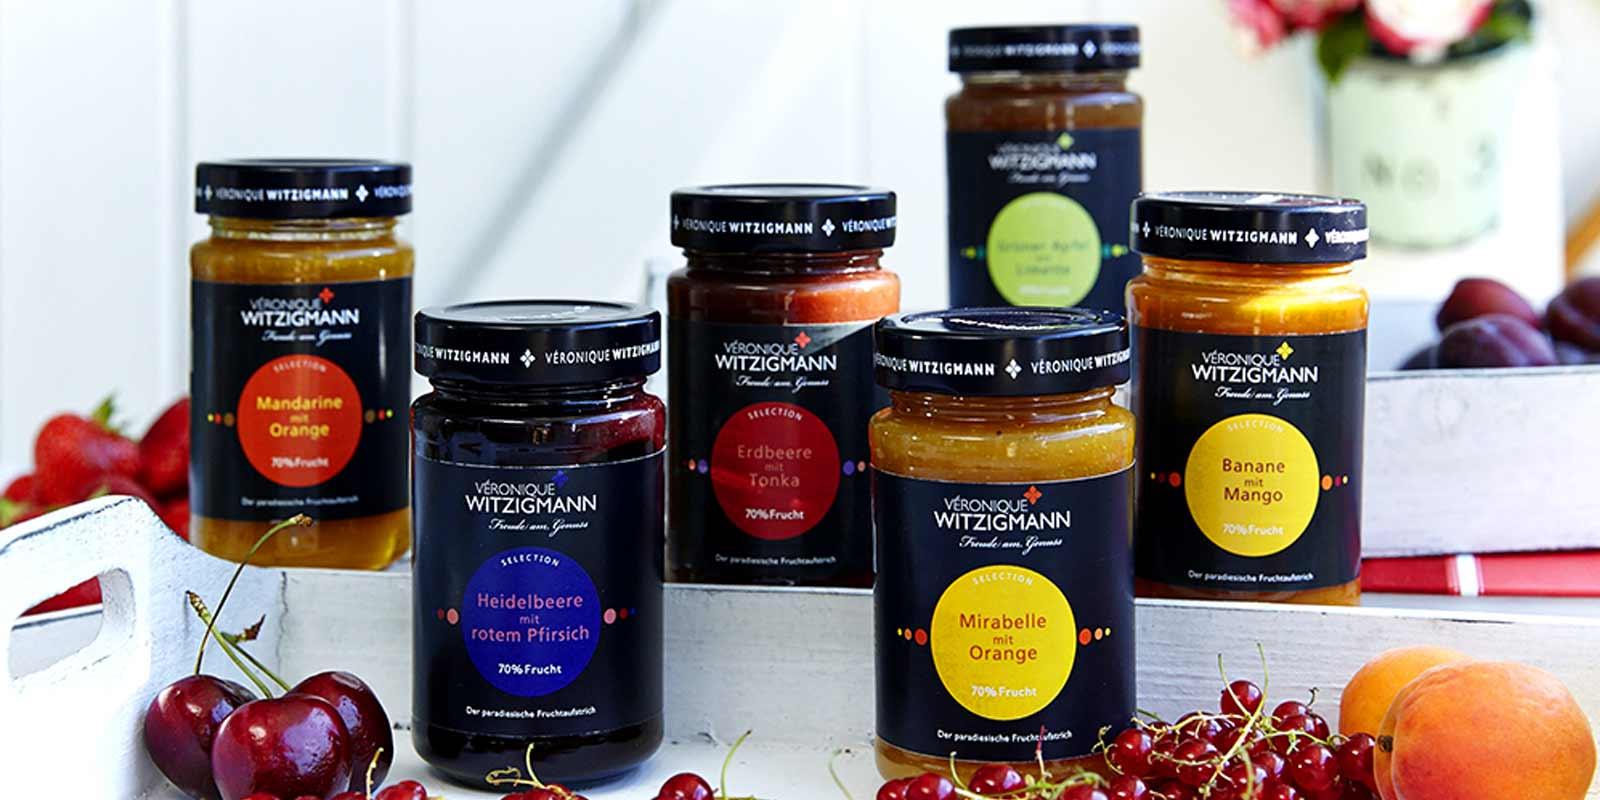 Veronique Witzigmann Fruchtaufstrich, Chutneys und Pesto Leckere Fruchtaufstriche, Chutneys und Pestos in vielen Geschmacksrichtungen von Veronique Witzigmann.